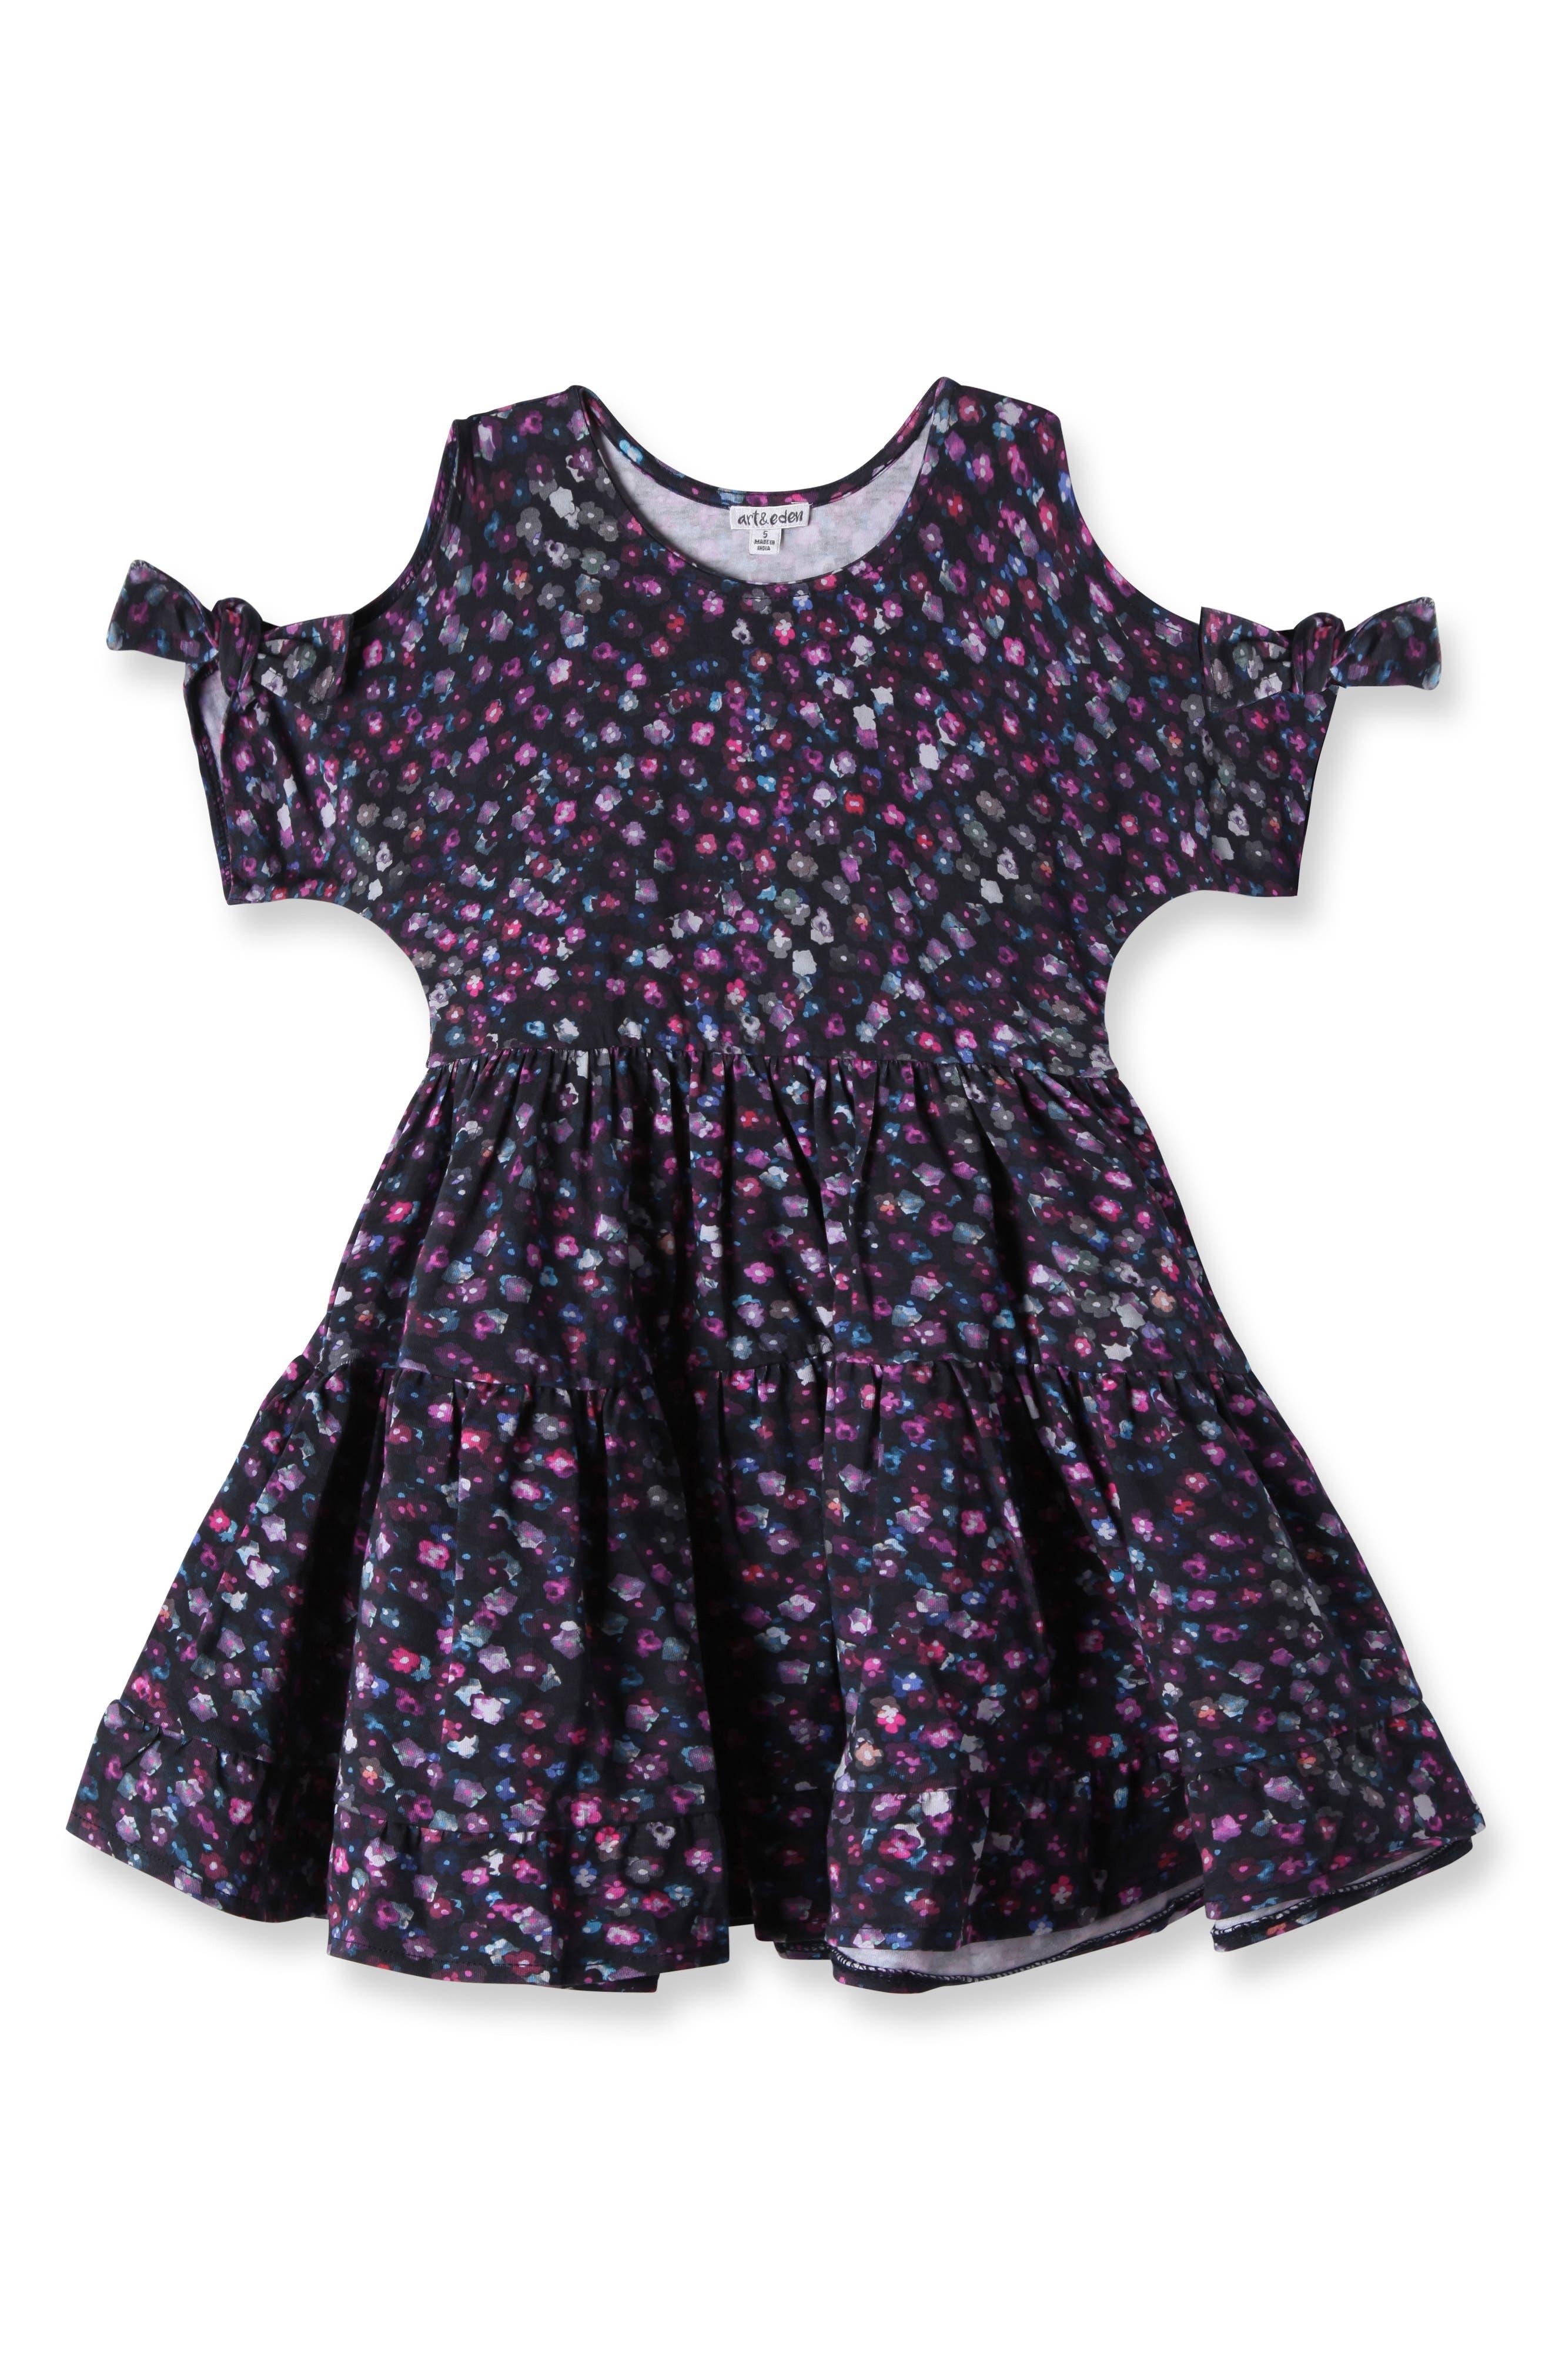 Main Image - Art & Eden Emma Cold Shoulder Dress (Toddler Girls & Little Girls)